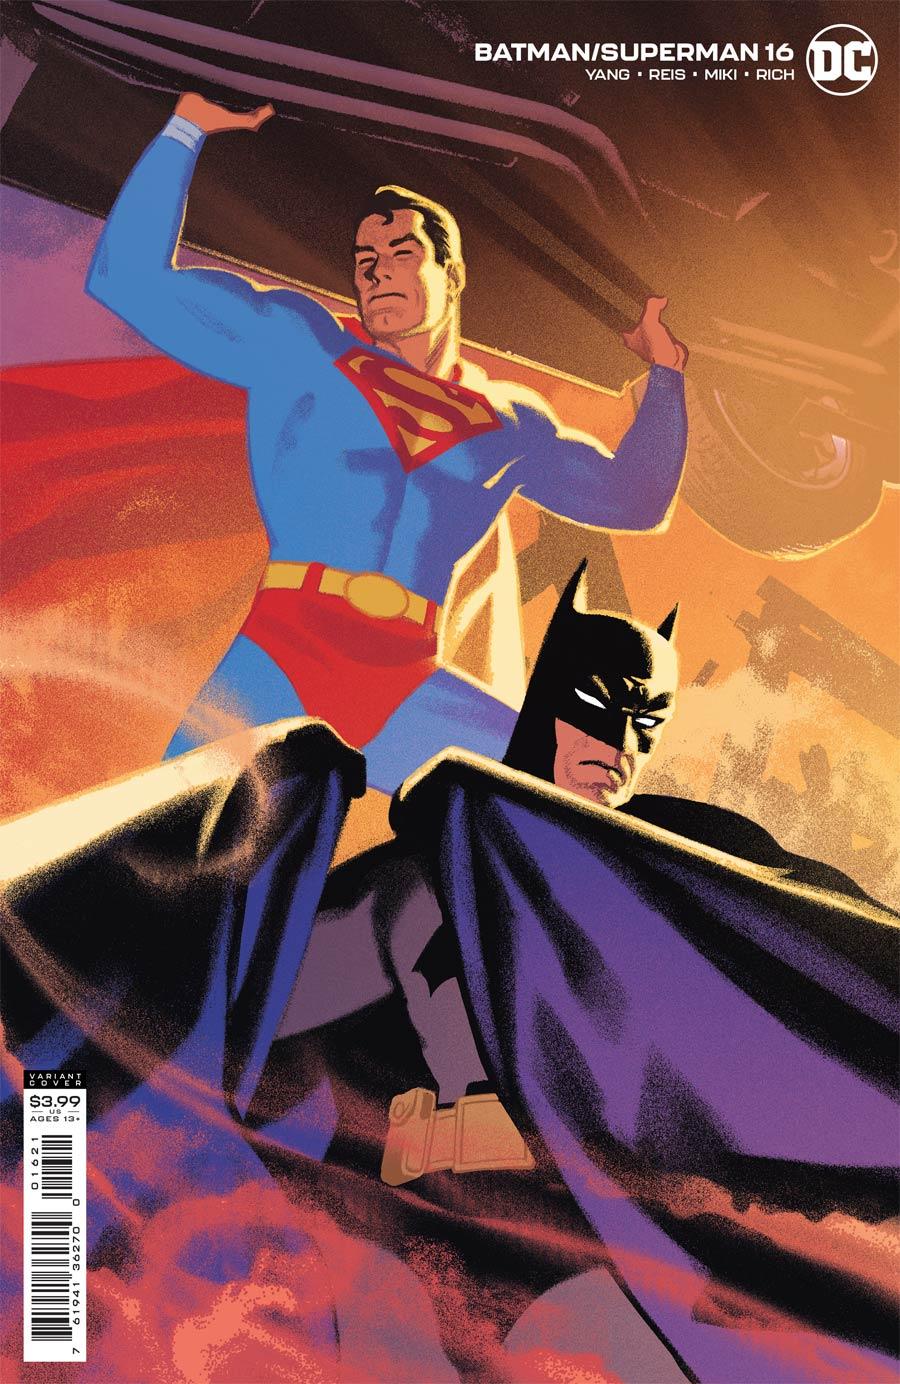 Batman Superman Vol 2 #16 Cover B Variant Greg Smallwood Cover